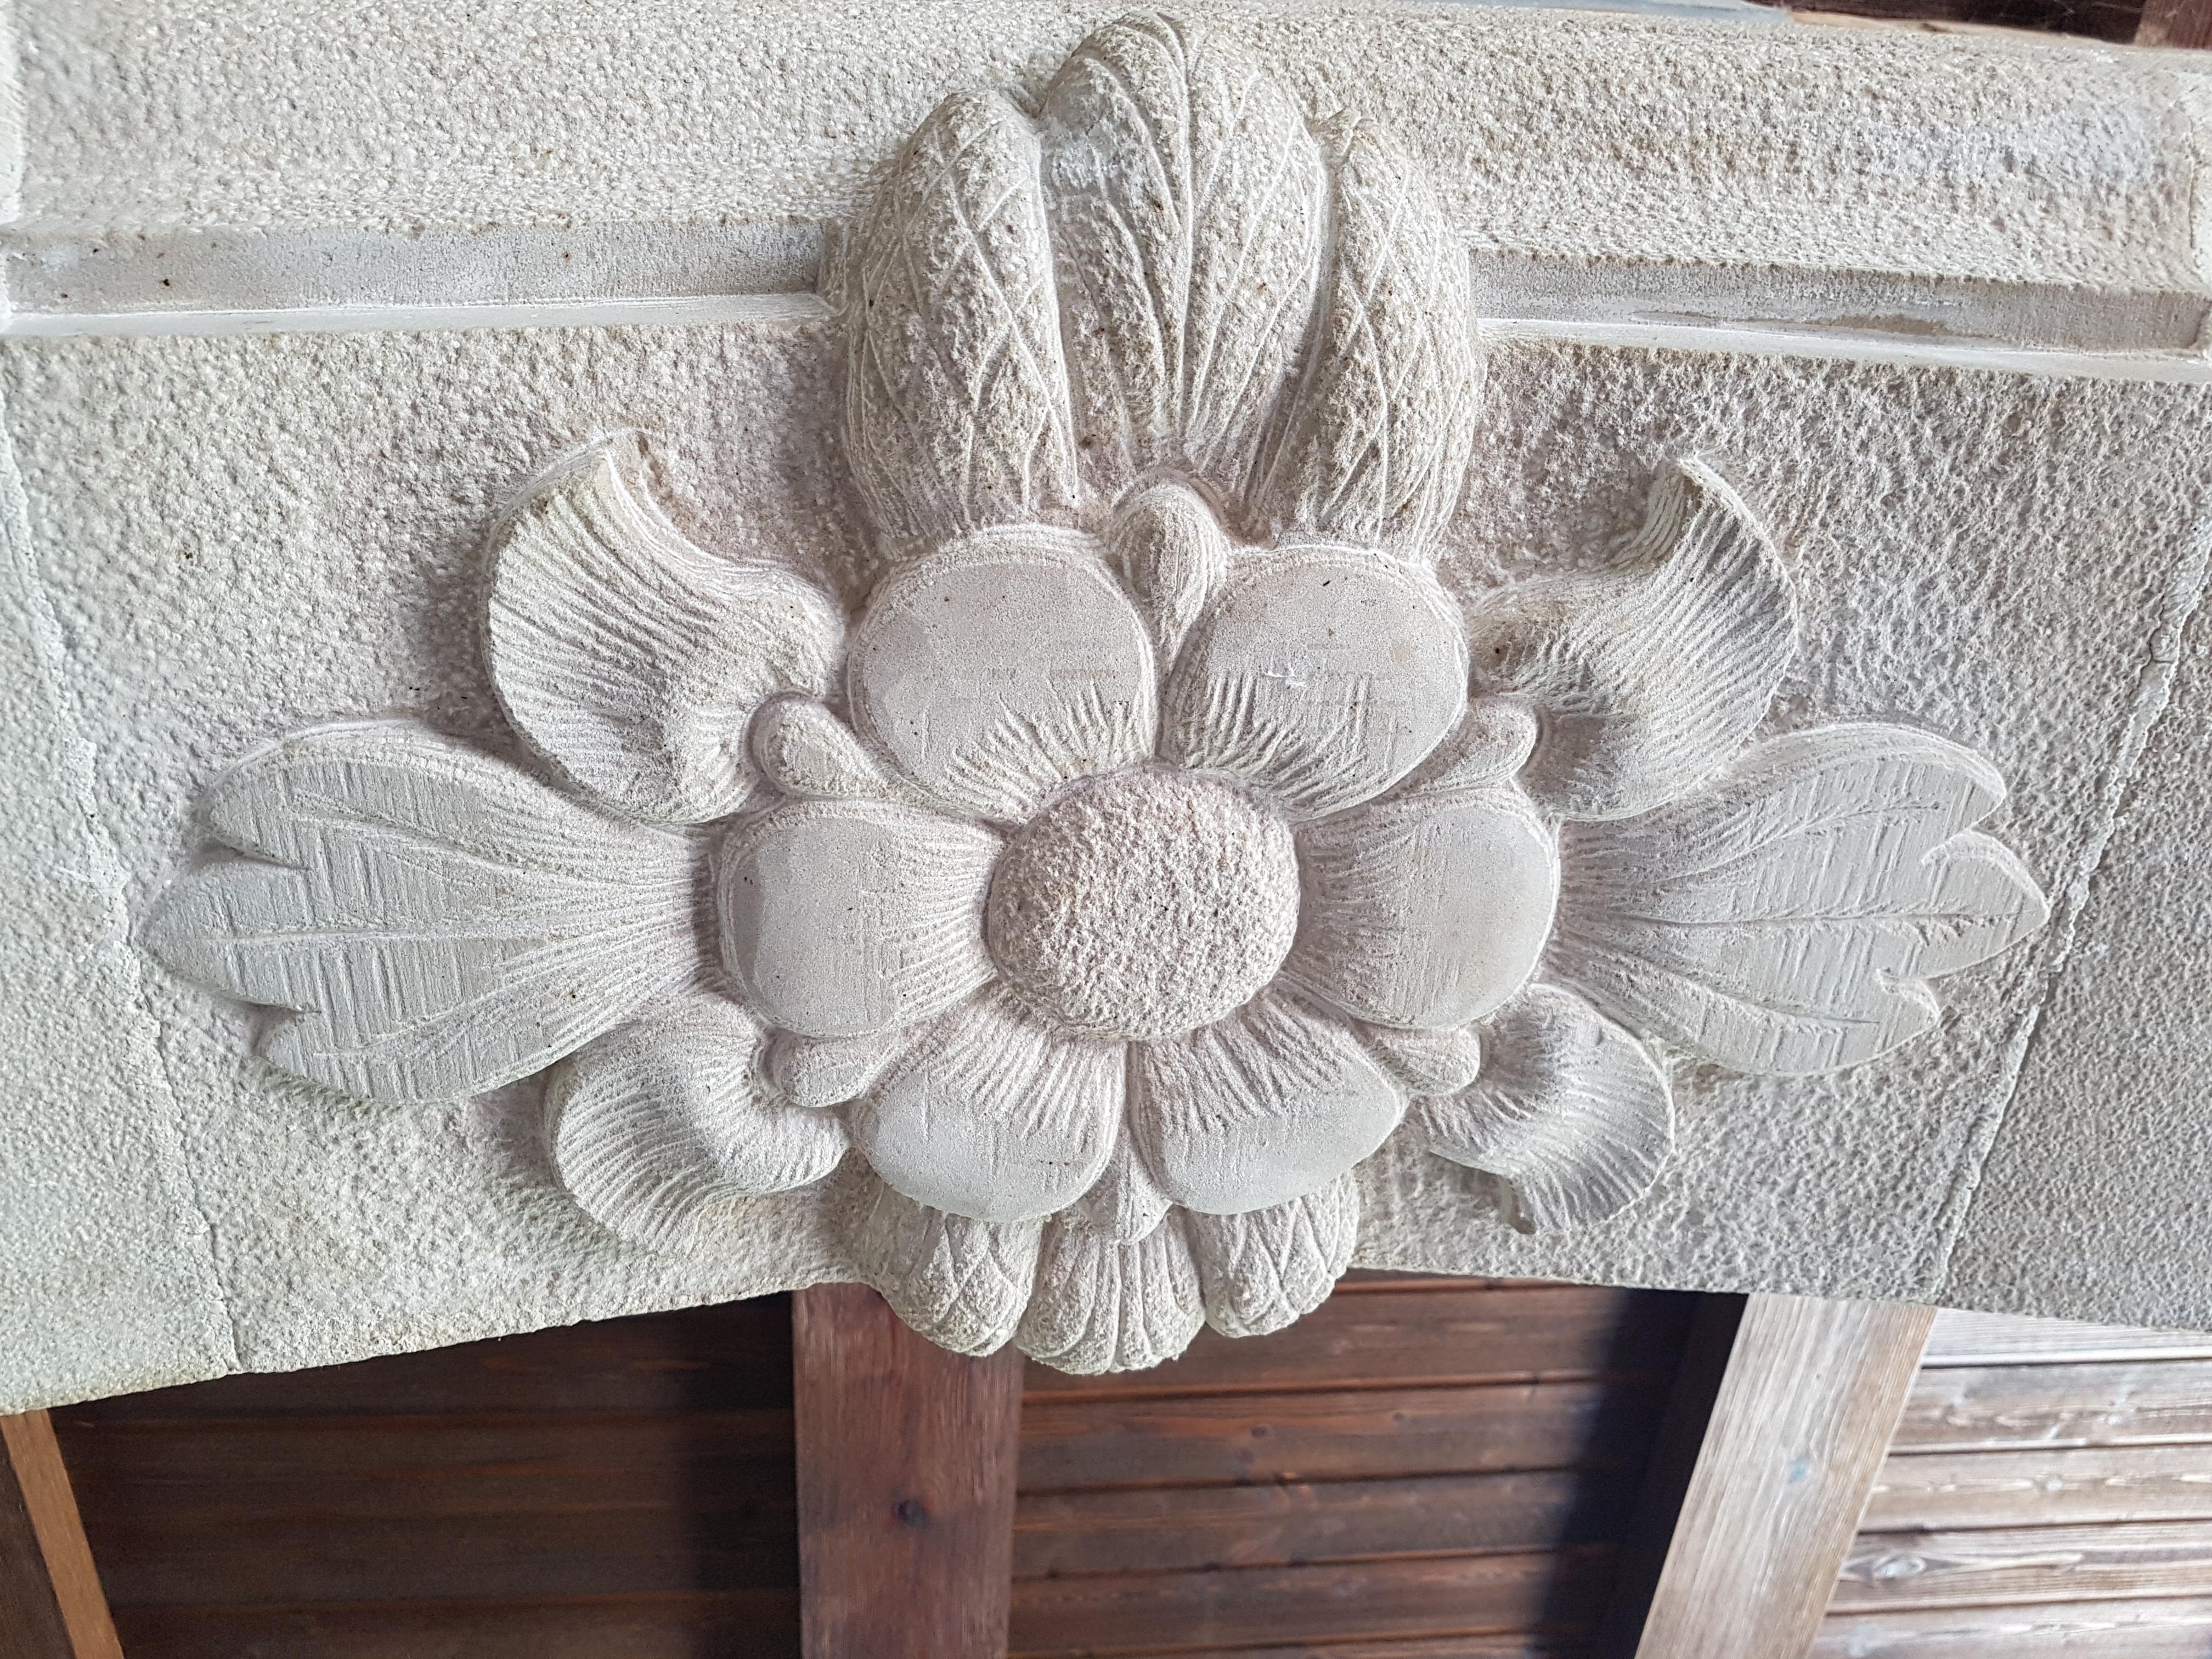 Detalle de una flor tallada en piedra